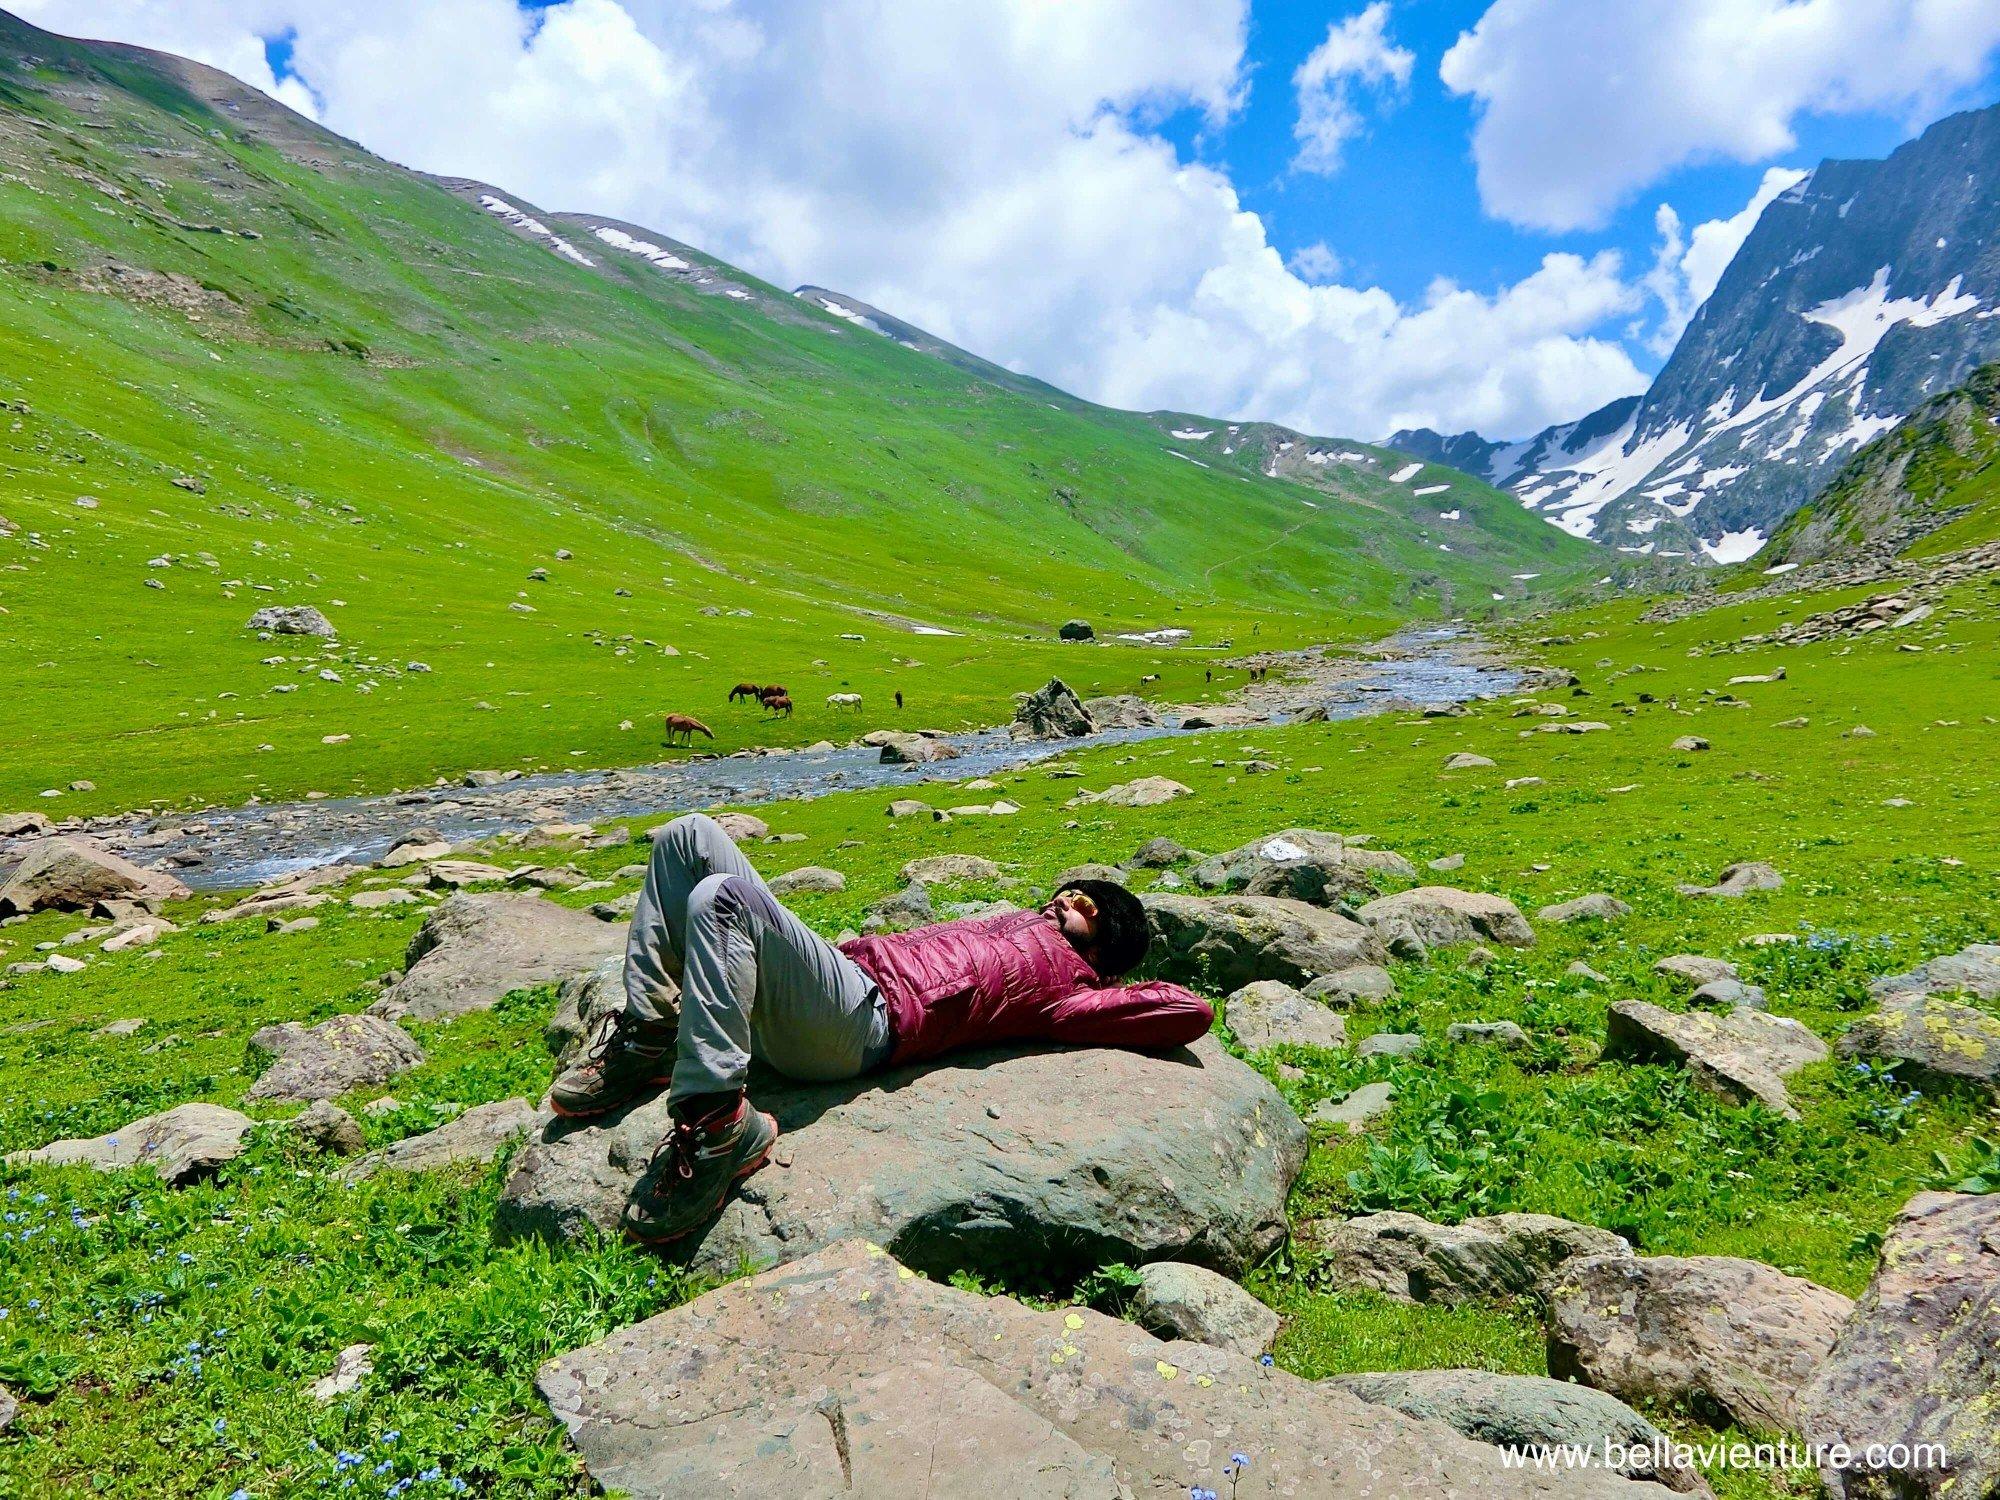 印度India 北北印 North India 喀什米爾 Kashmir 大湖健行 trekking 印度團遊